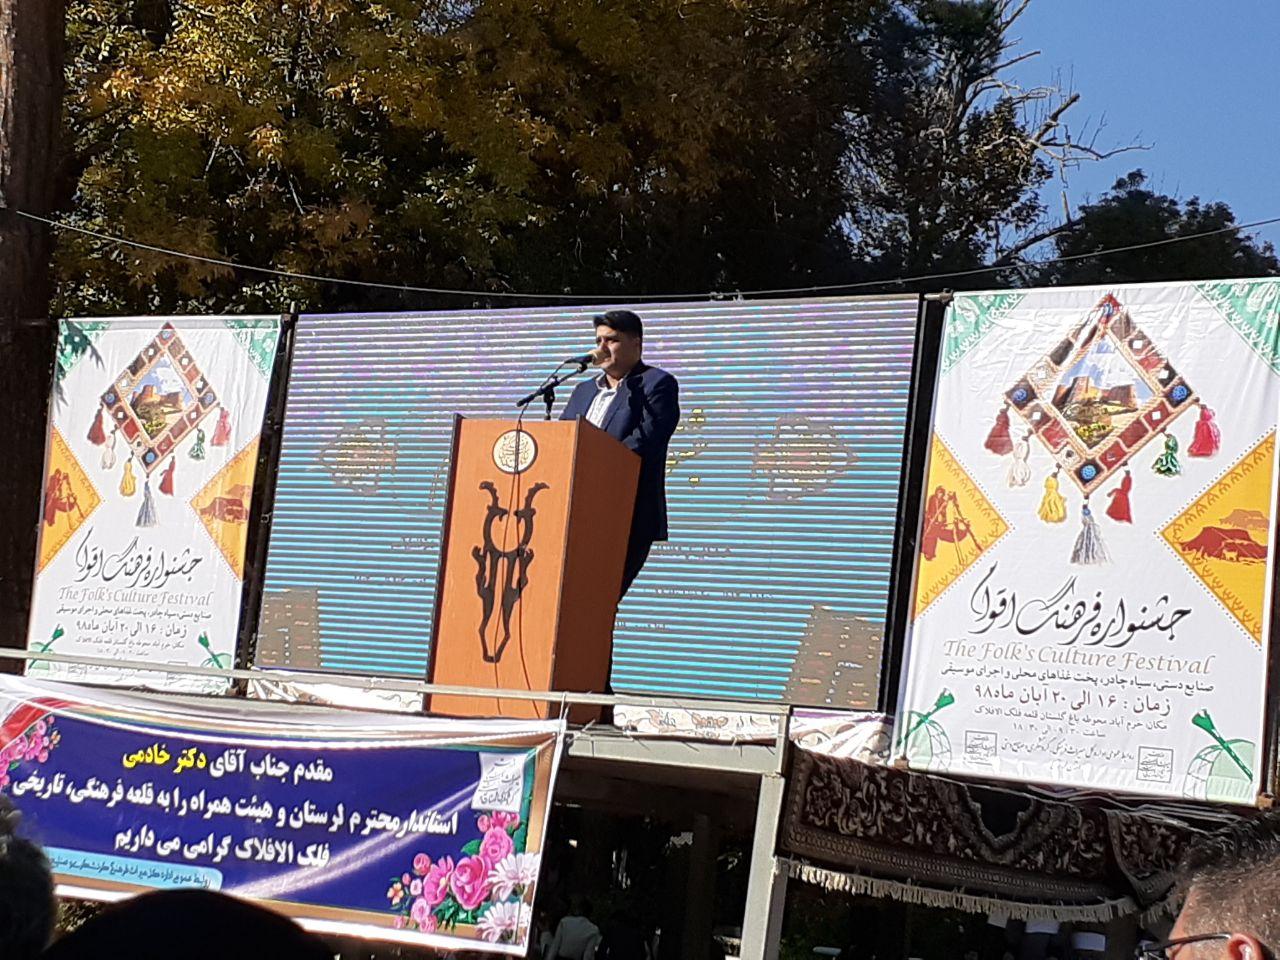 جشنواره فرهنگ اقوام رسما افتتاح شد/ پیوند فرهنگی اقوام مختلف ایران در لرستان